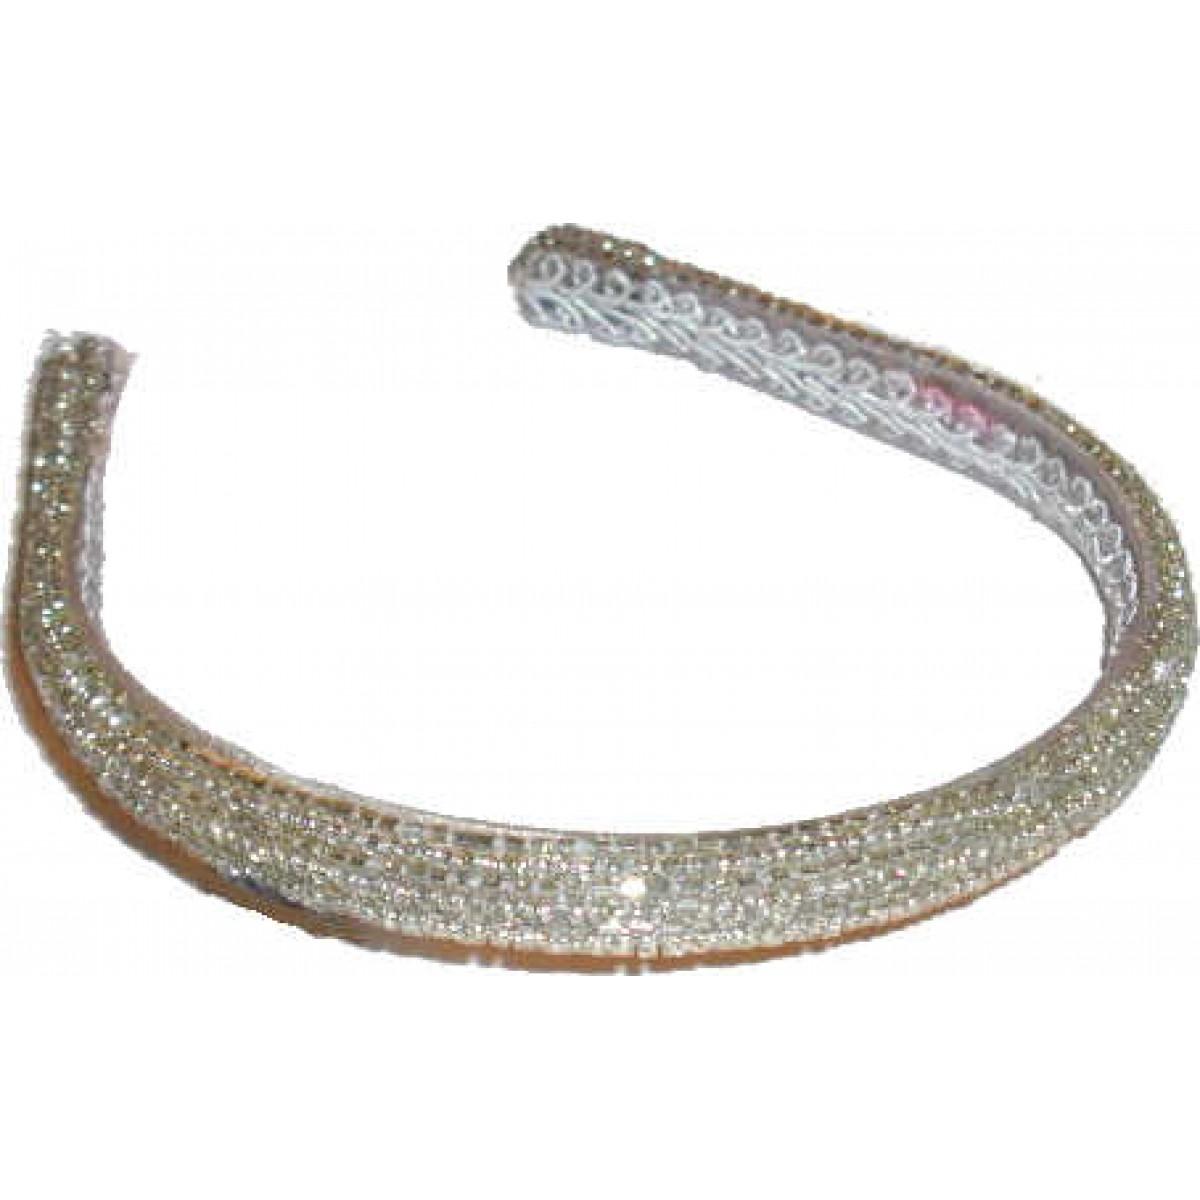 Narrow White Crystal Beaded Head Band